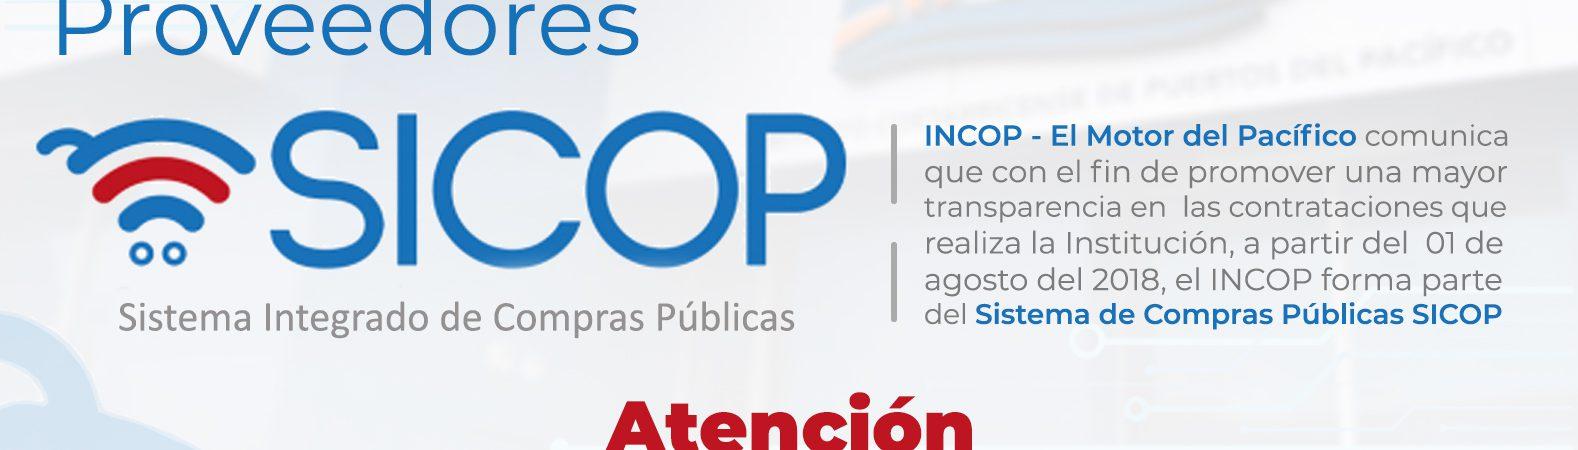 Banner Facebook SICOP